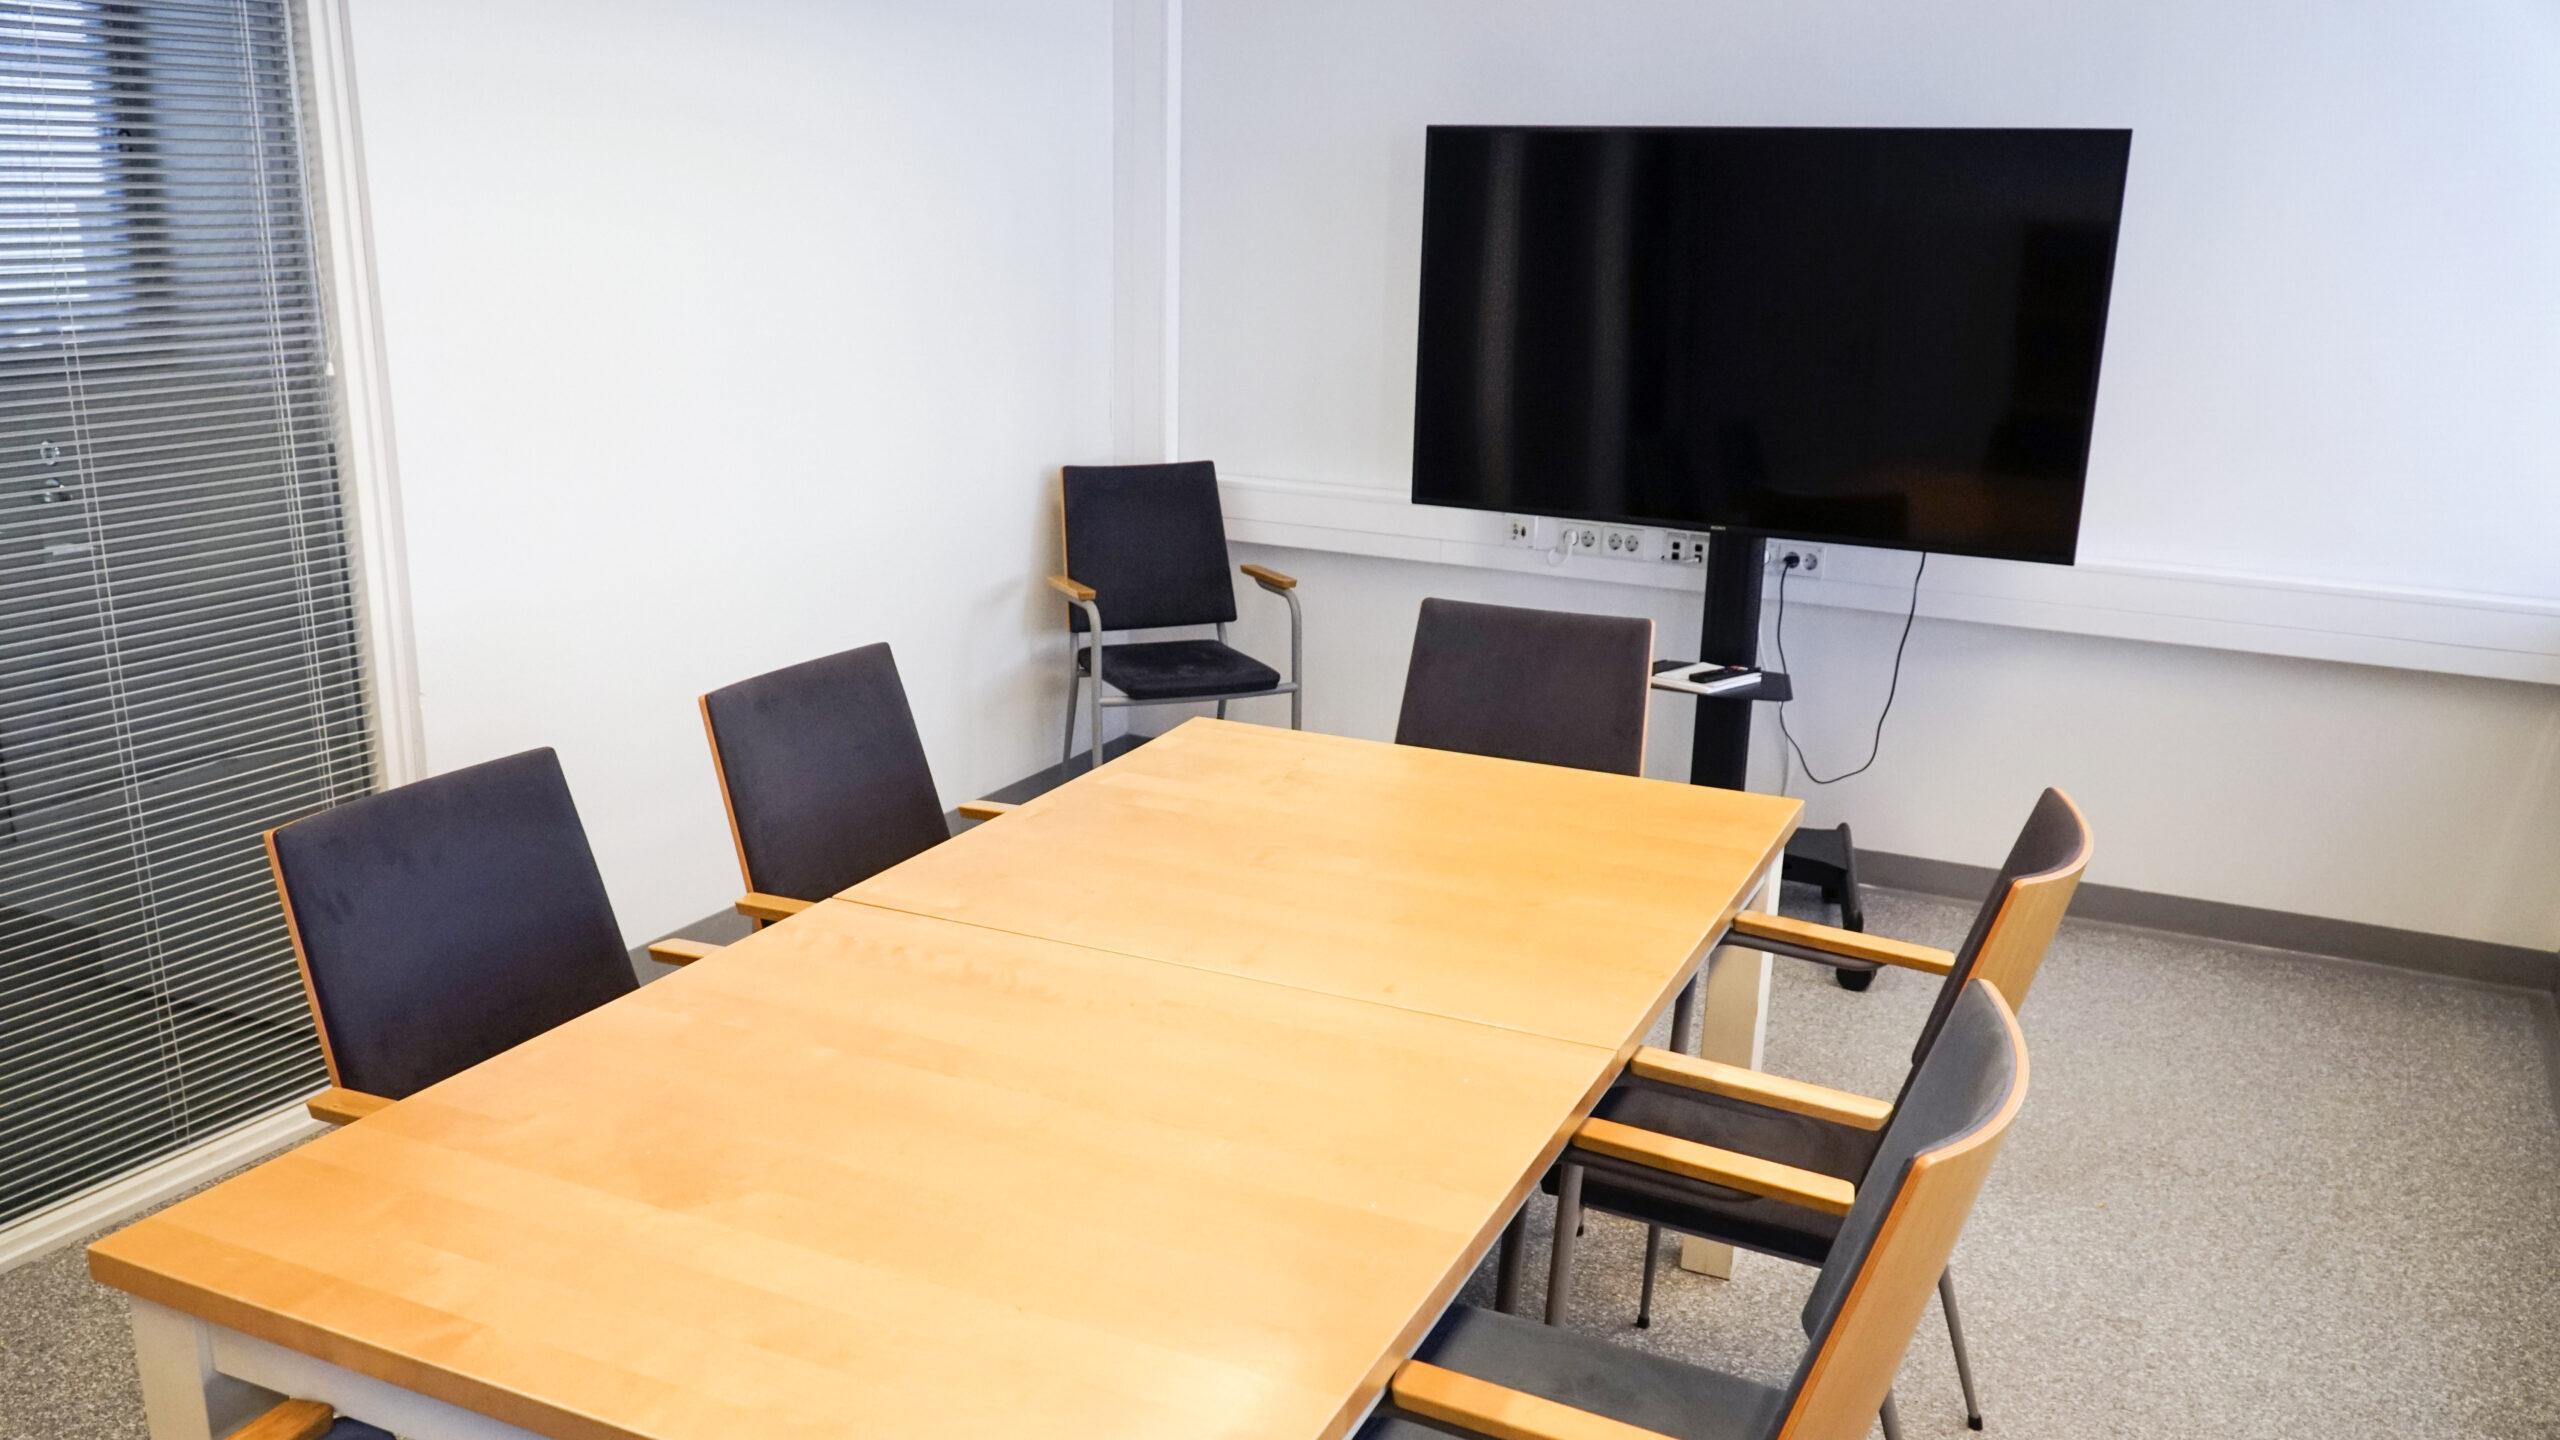 Hyvä työympäristö on monelle tärkeä asia. Esimerkkinä neuvotteluhuone, missä on puupintainen lakattu neuvottelupöytä. Kankaalla pehmustettuja työtuoleja. Älytelevisio asennettuna liikuteltavalle lattiajalustalle.